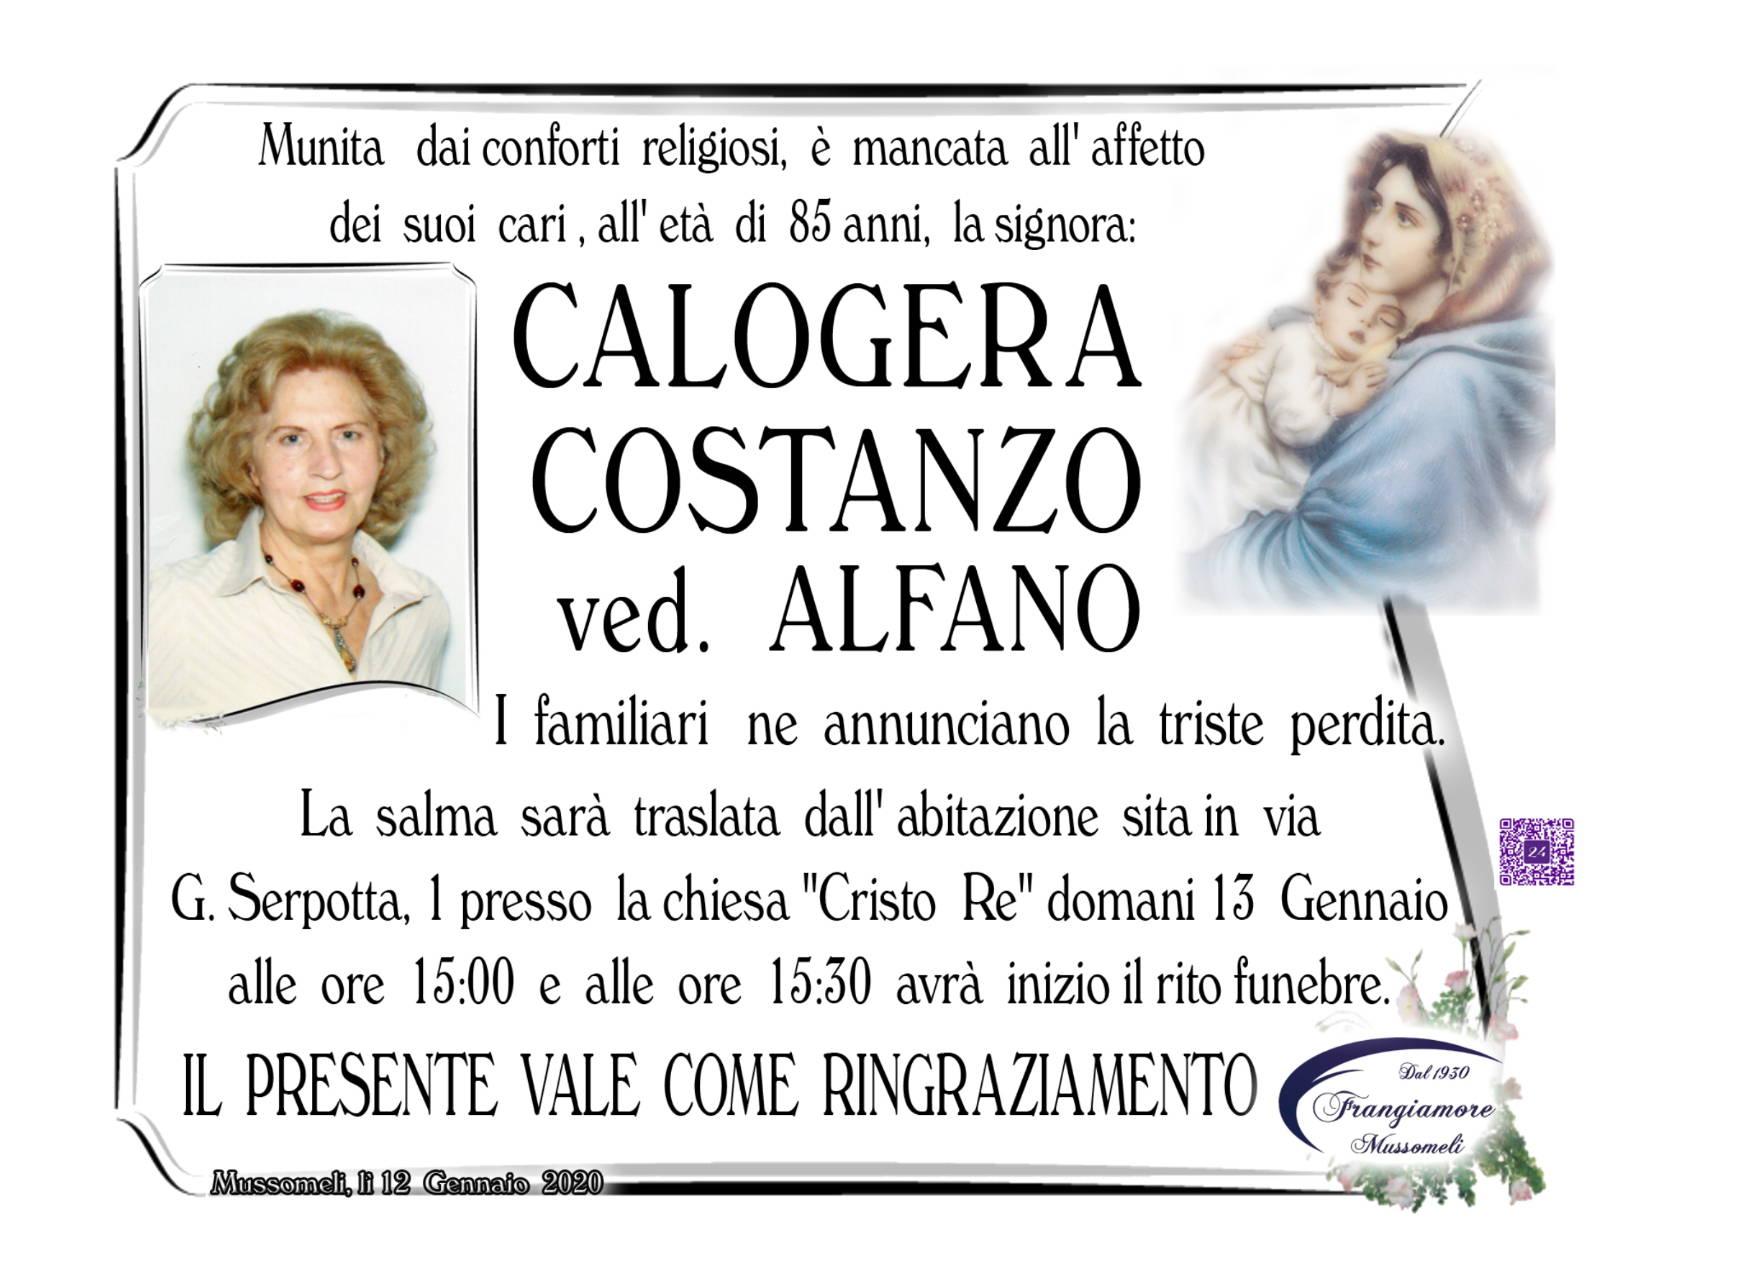 Calogera Costanzo